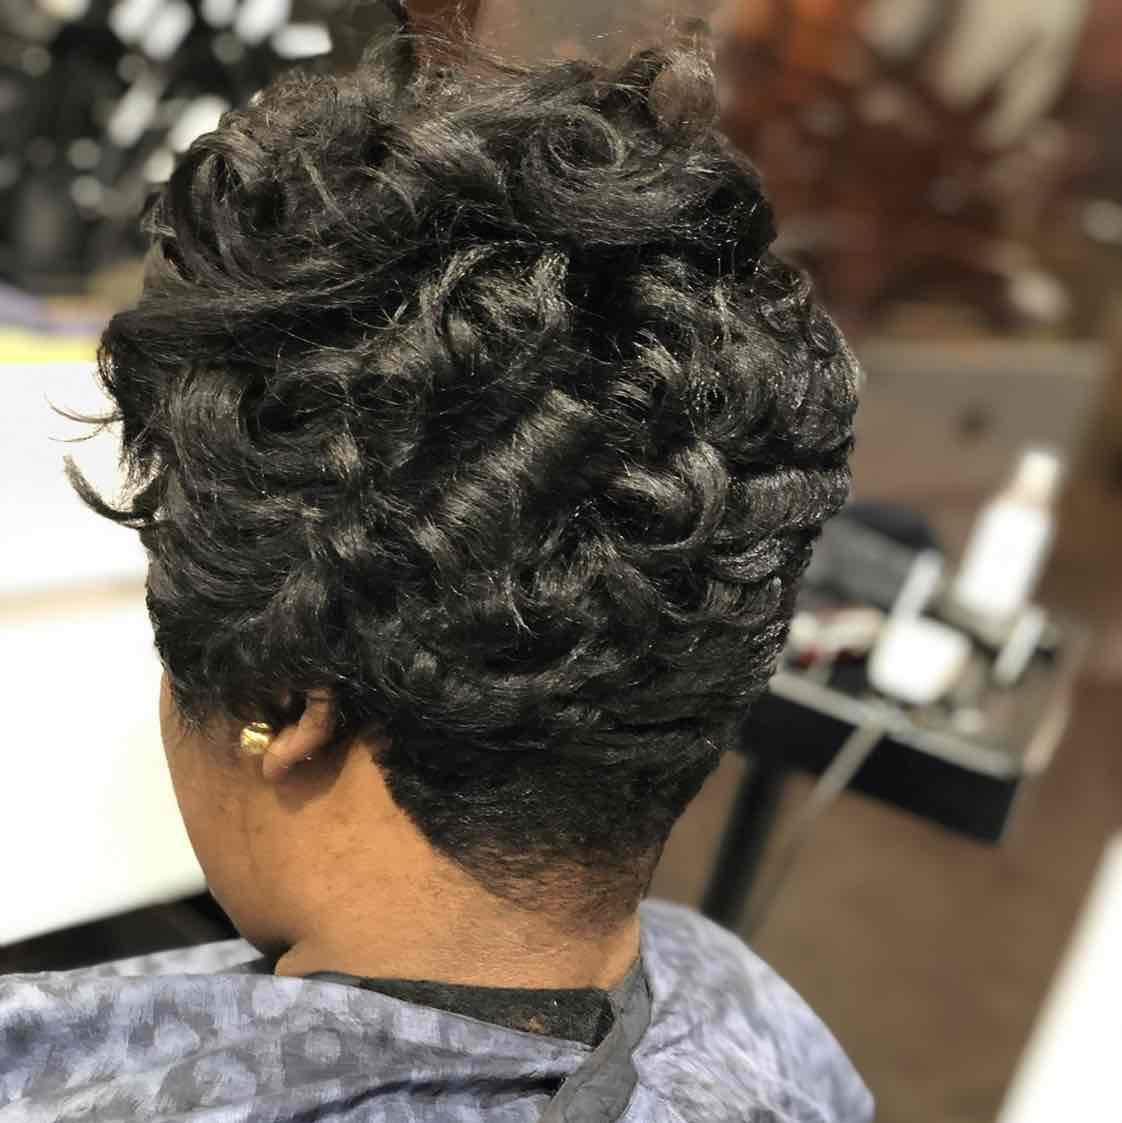 salon de coiffure afro tresse tresses box braids crochet braids vanilles tissages paris 75 77 78 91 92 93 94 95 CNUCCPZP